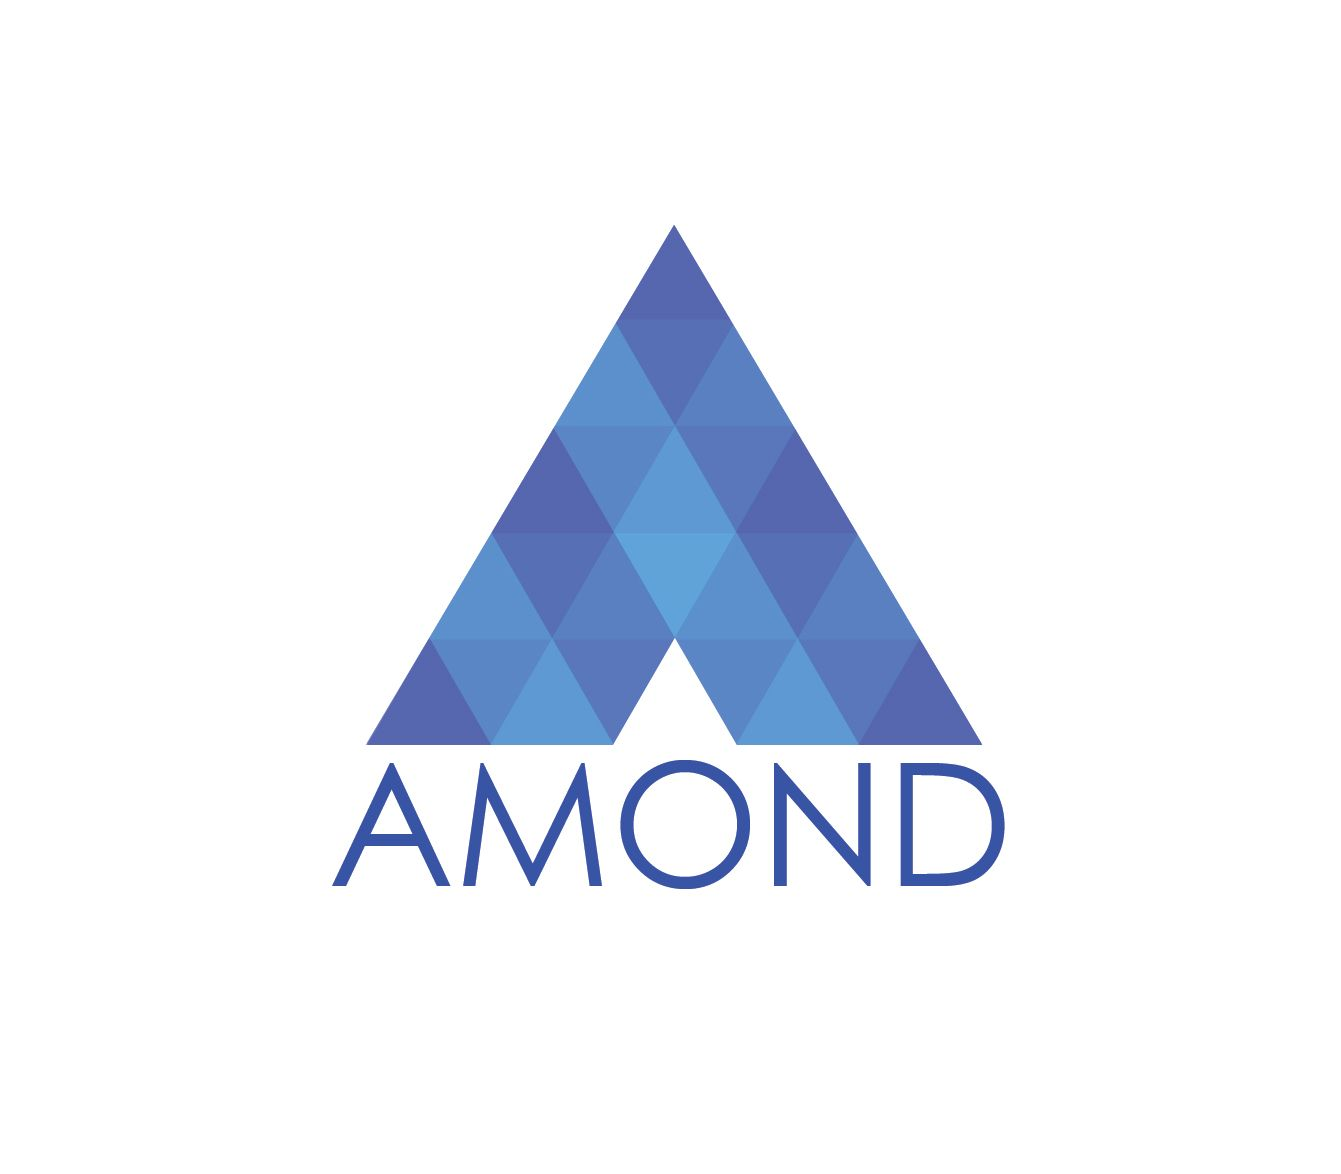 Логотип для группы компаний  - дизайнер andyul